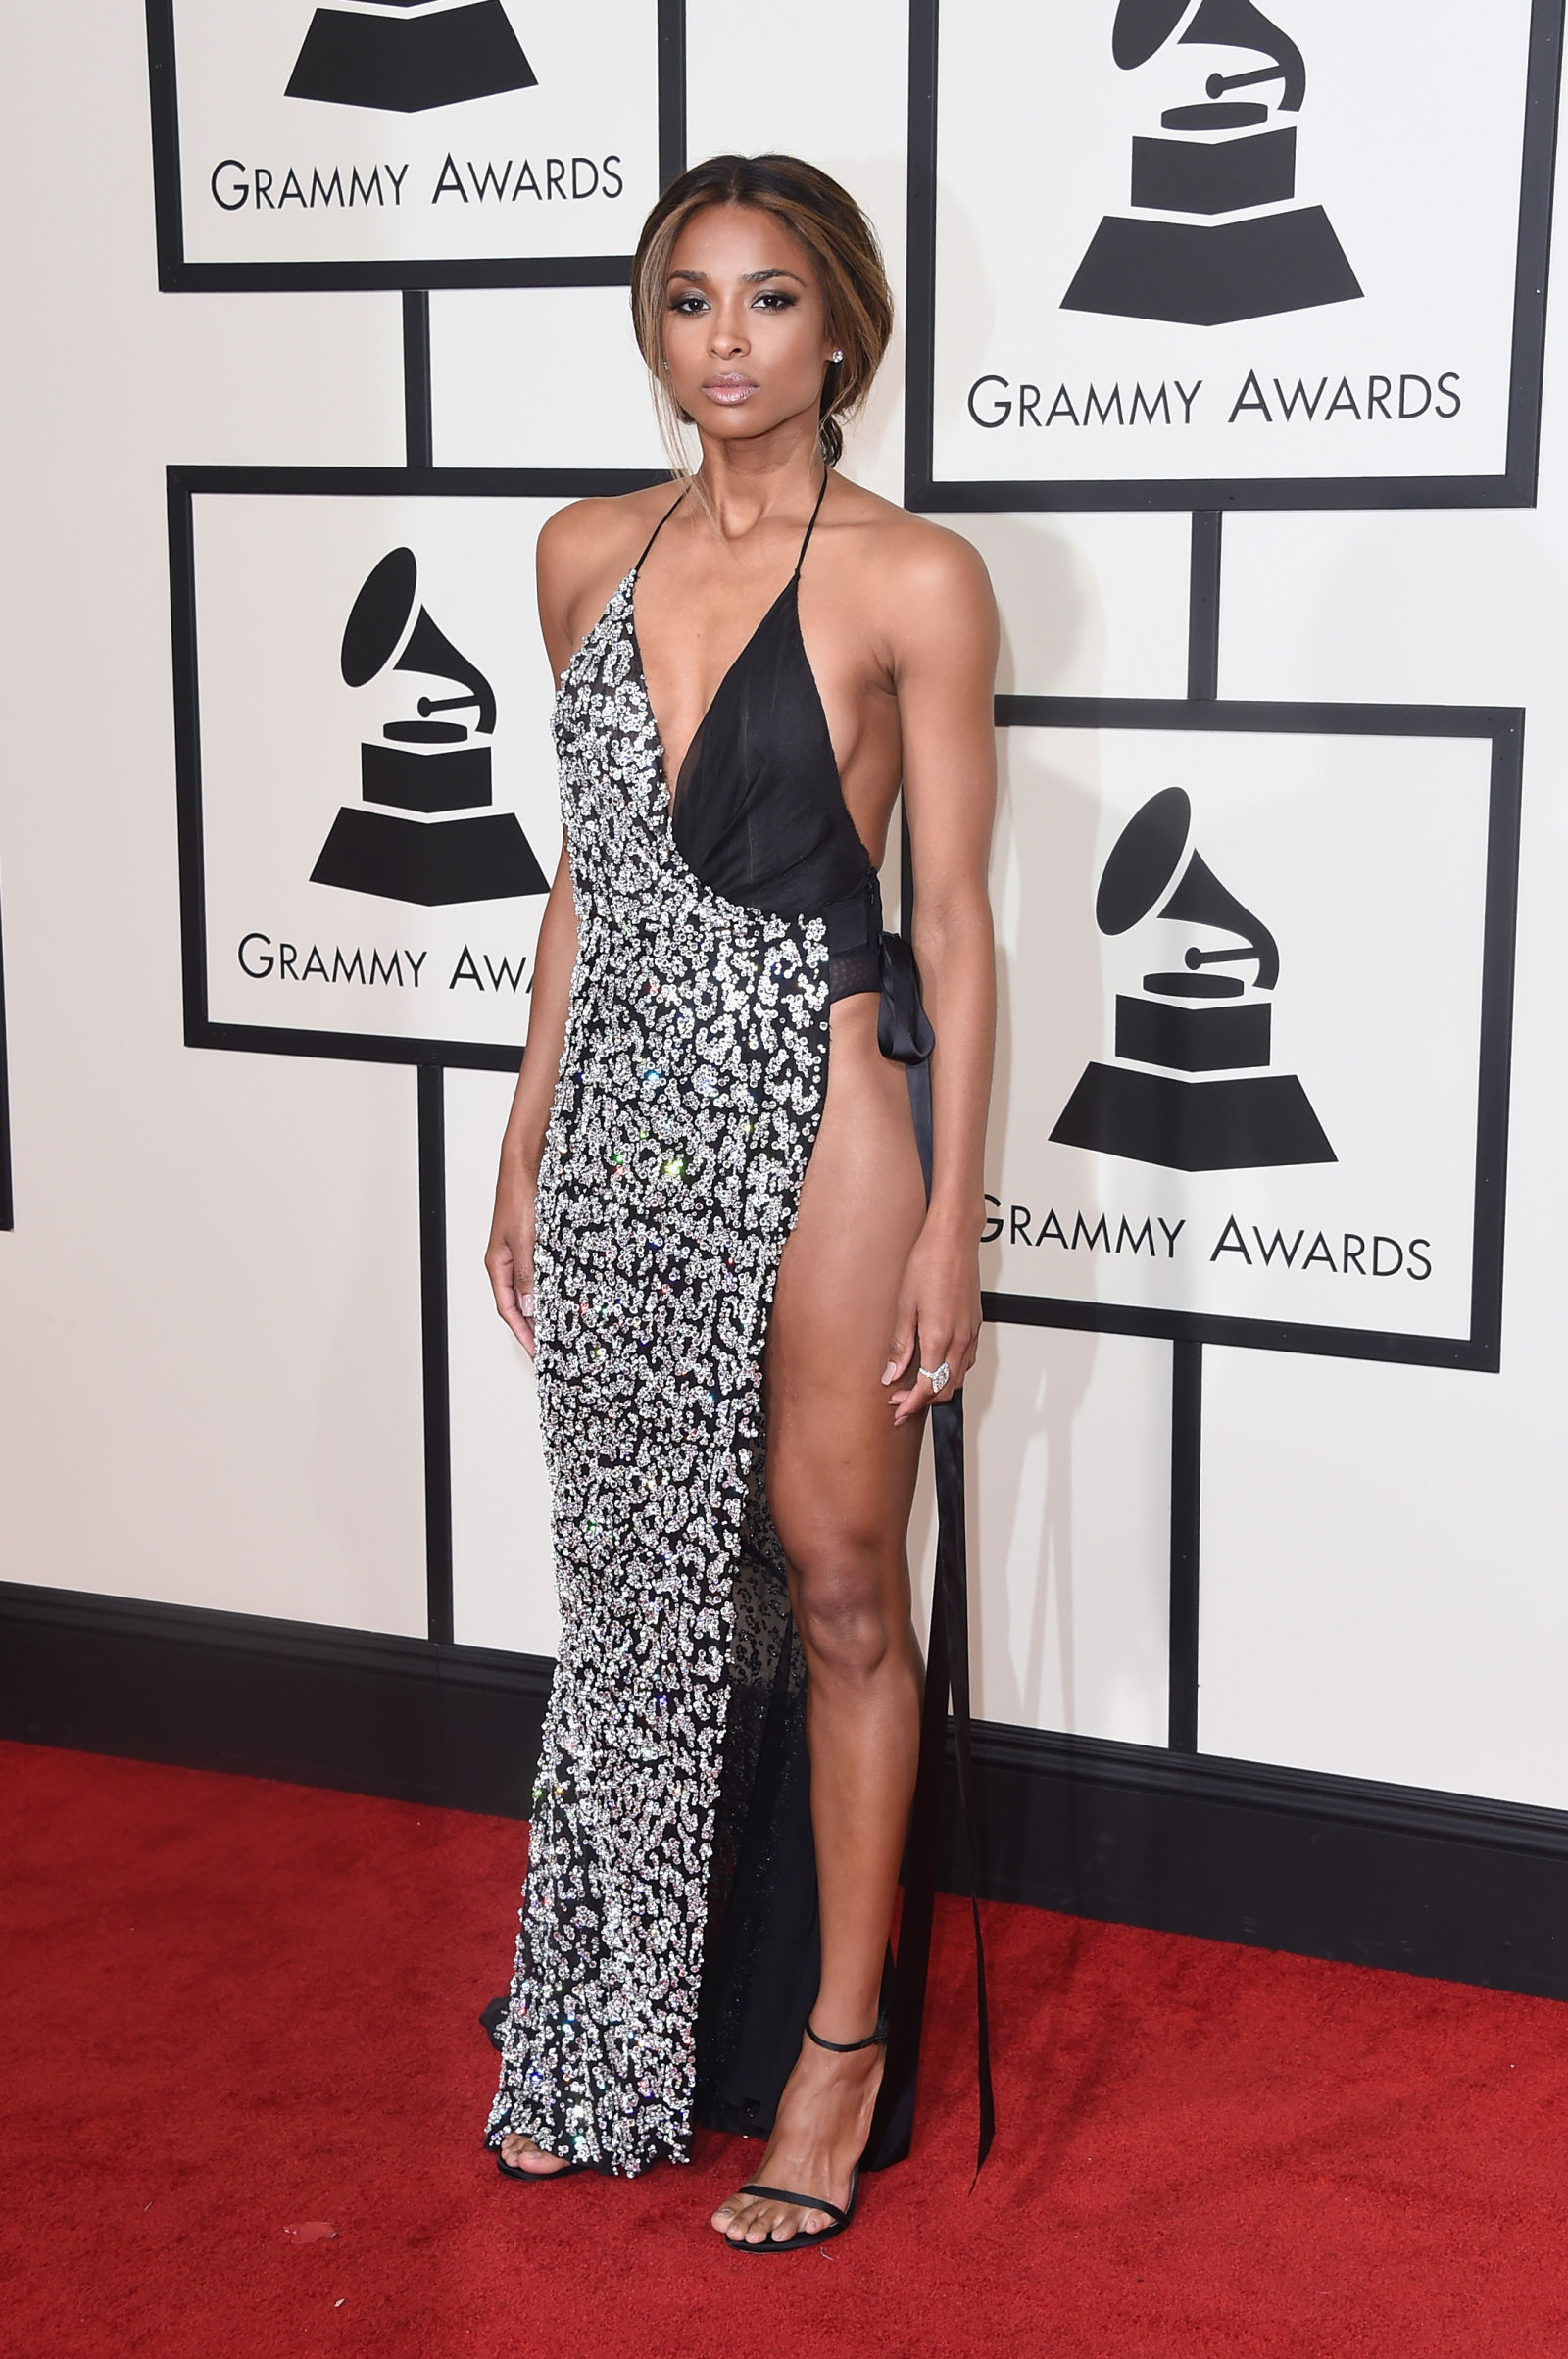 Ciara celebrity hairstyles 2016 Grammys